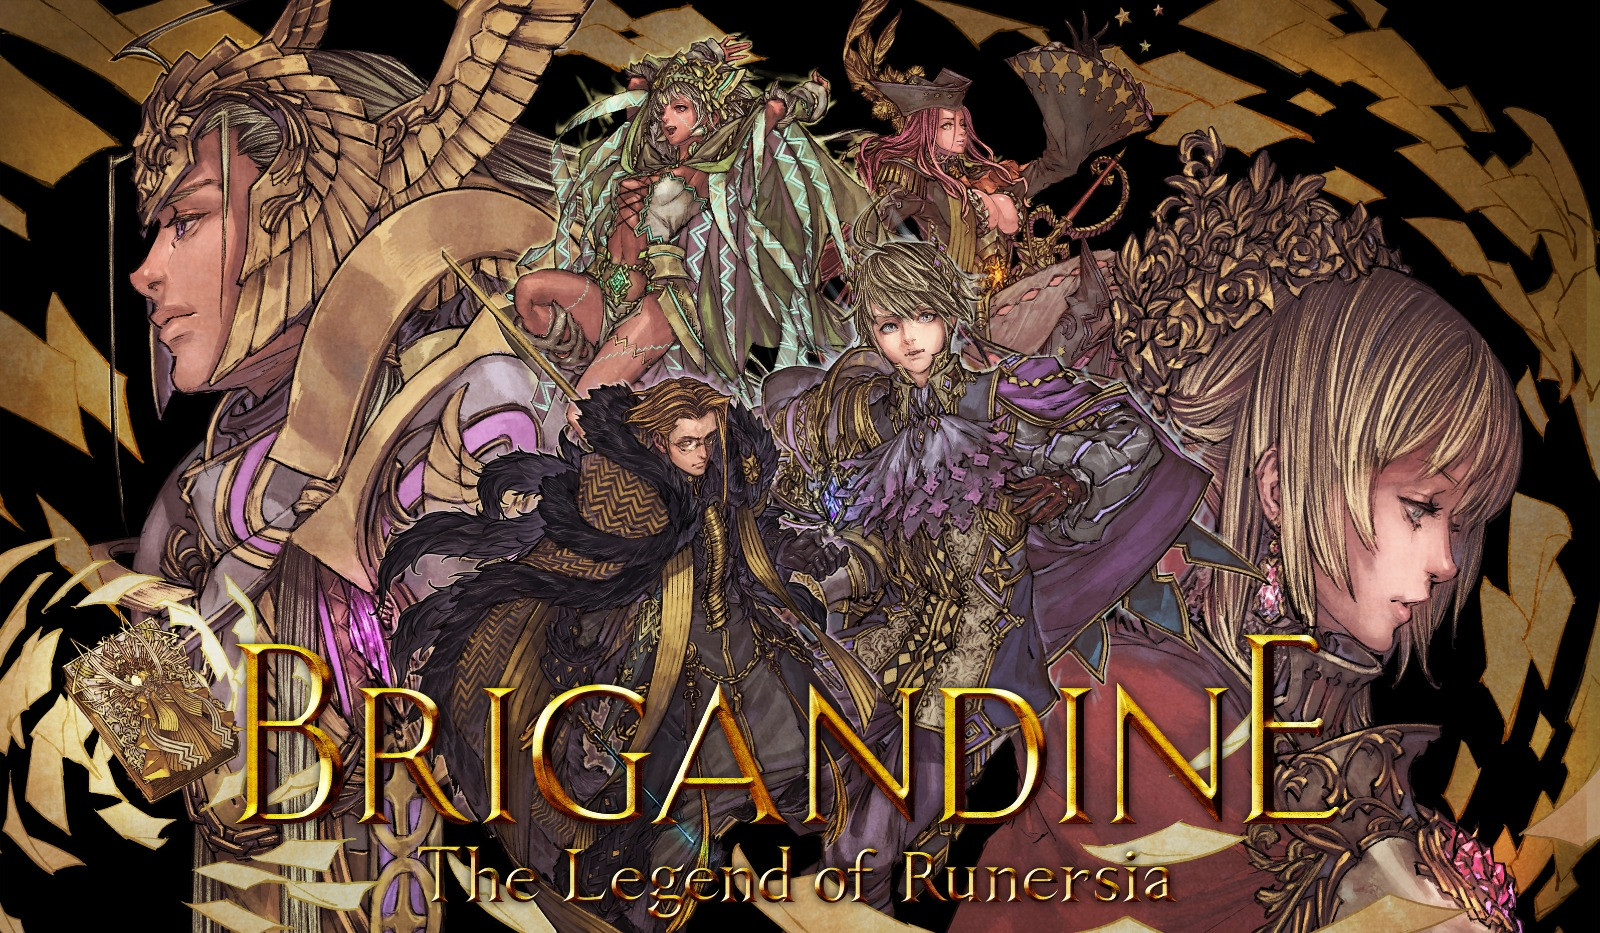 幻想大陸戰記:盧納基亞傳說,Brigandine The Legend of Runersia,NS,GSE,